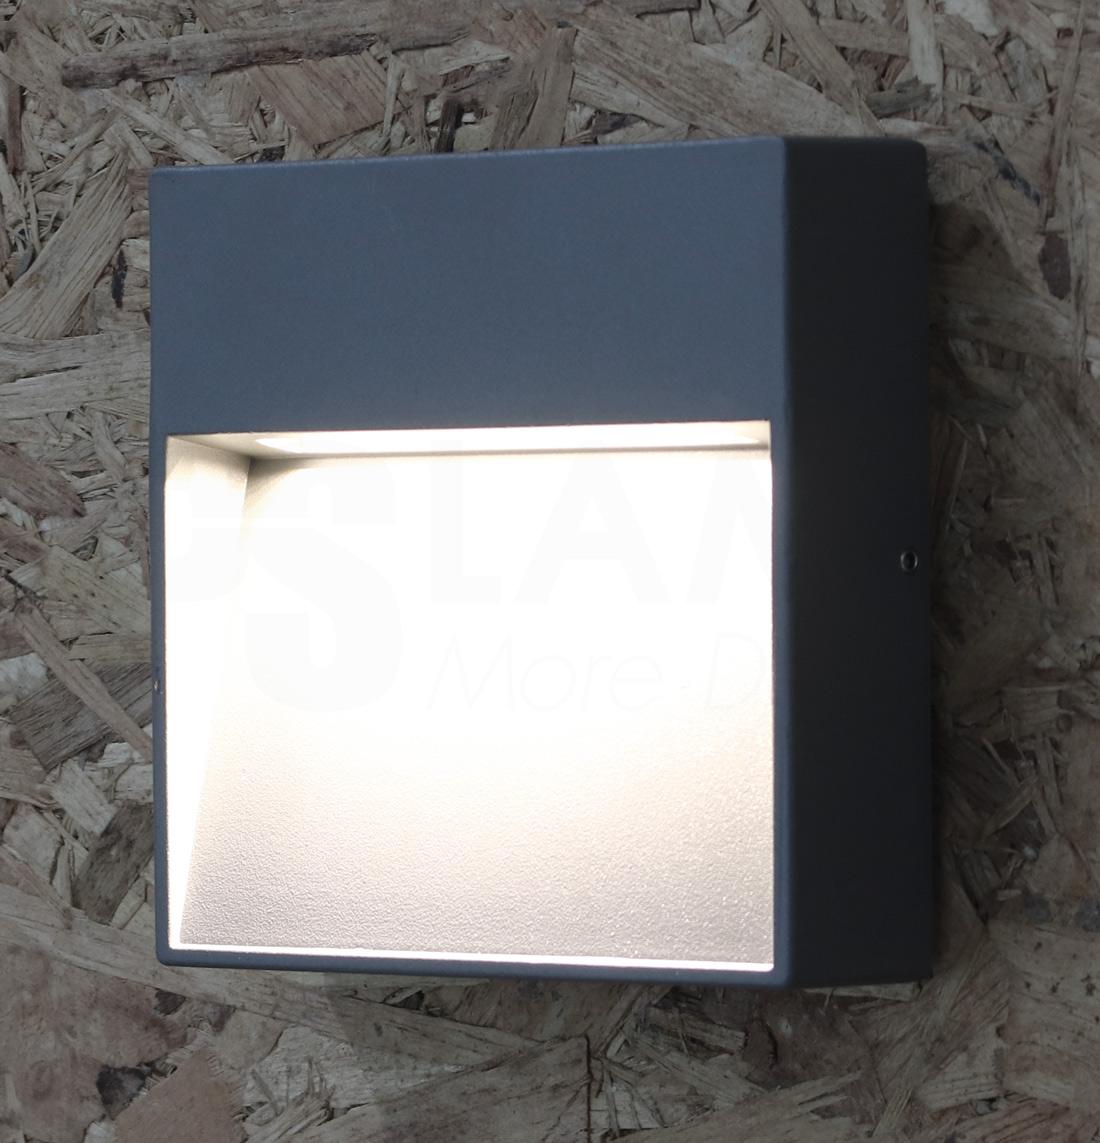 โคมไฟผนัง โคมไฟหัวเสา โคมไฟภายนอก โคมไฟโมเดิร์น SQBOX-GY